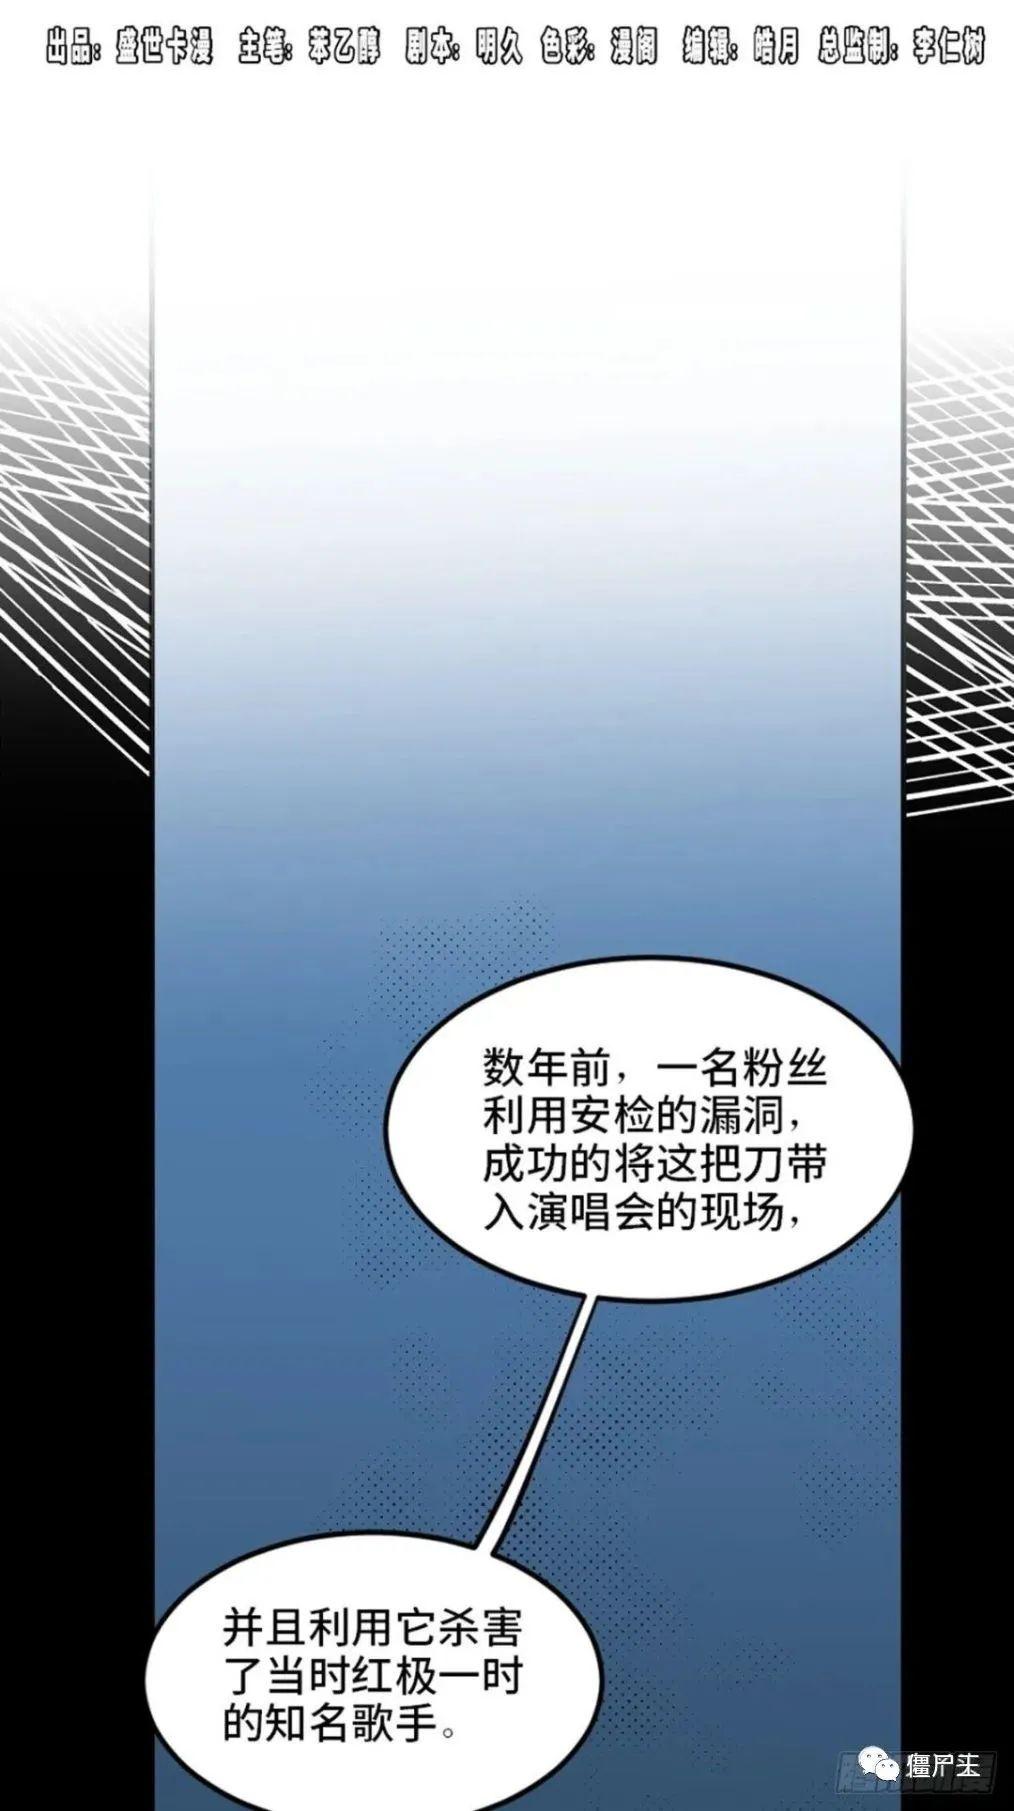 僵尸王漫画:心跳300秒之 玩弄